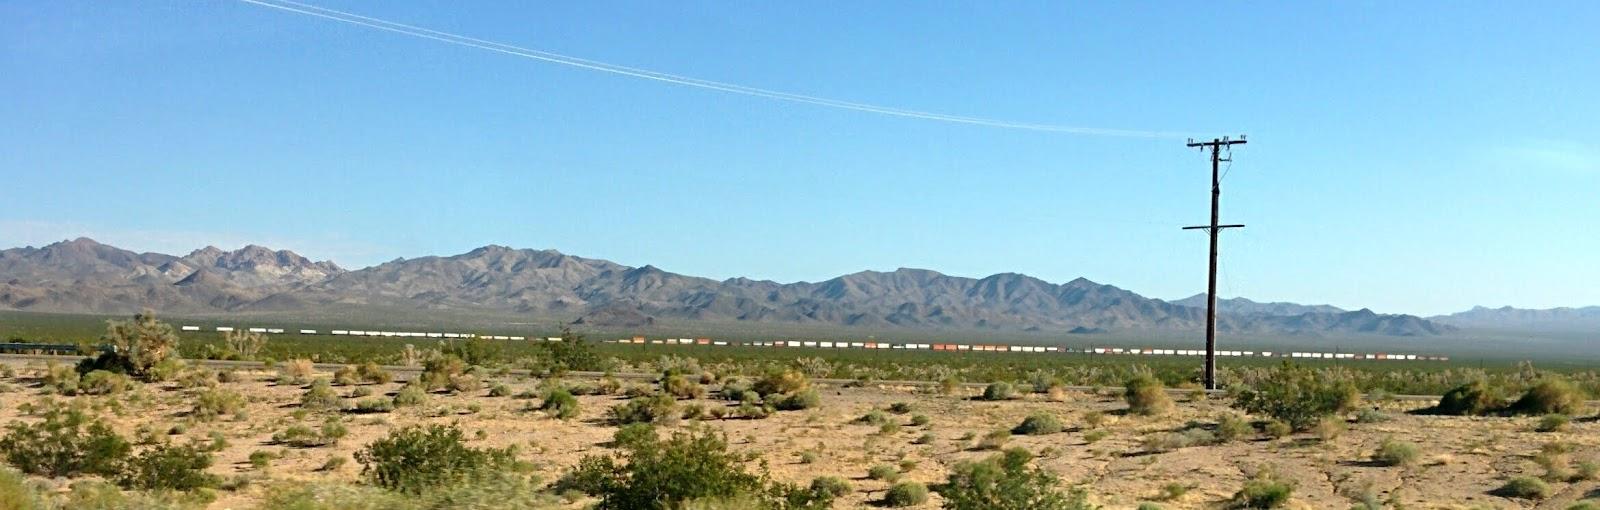 Ruta 66, desierto de Mojave